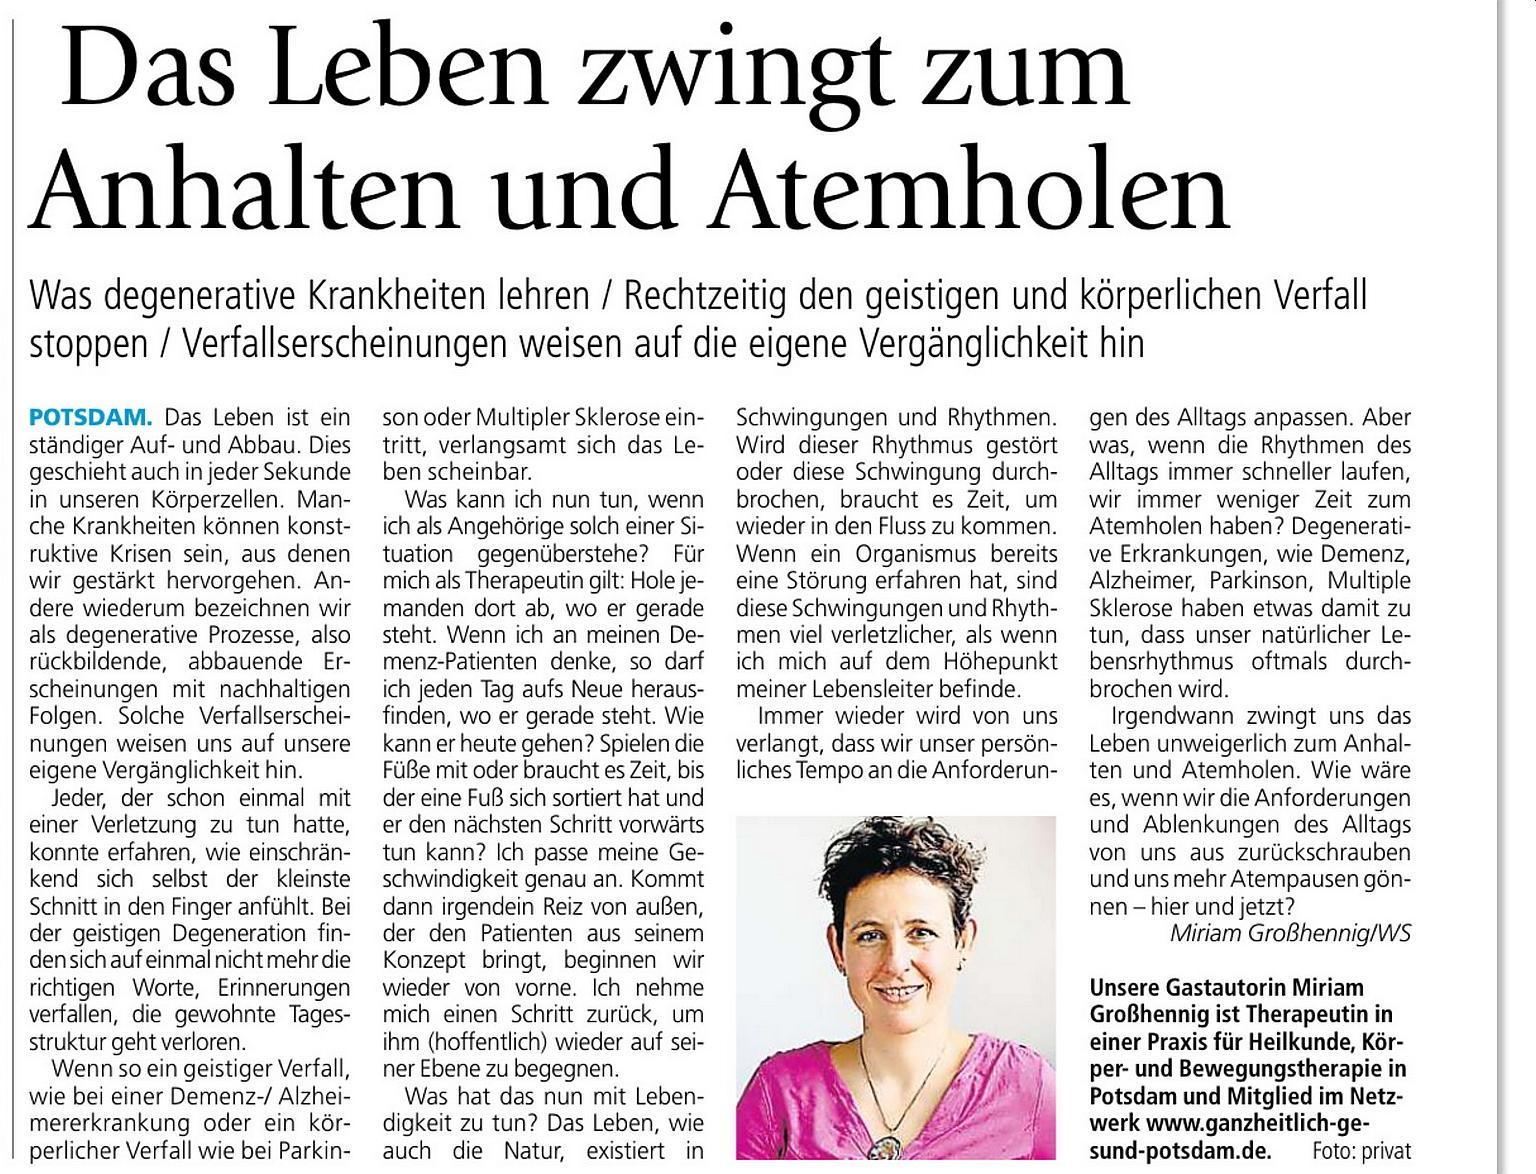 Wochenspiegel Miriam Großhennig